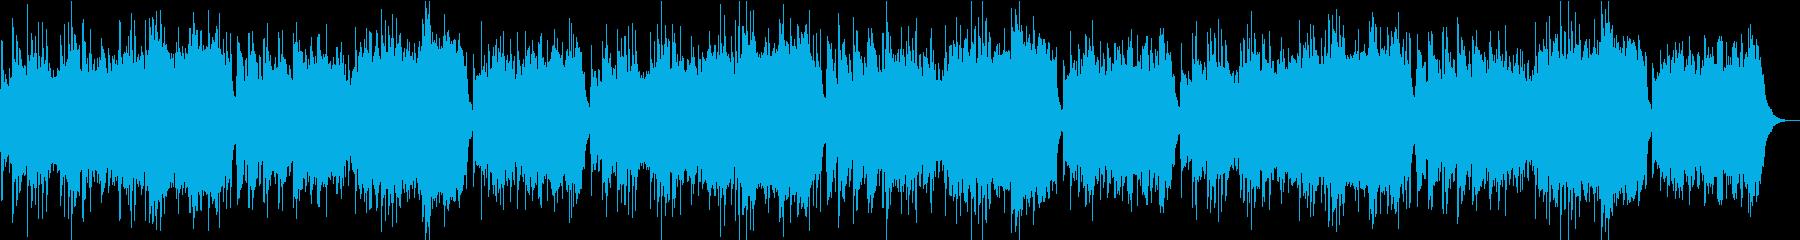 瀧廉太郎「花」オルゴールオーケストラの再生済みの波形